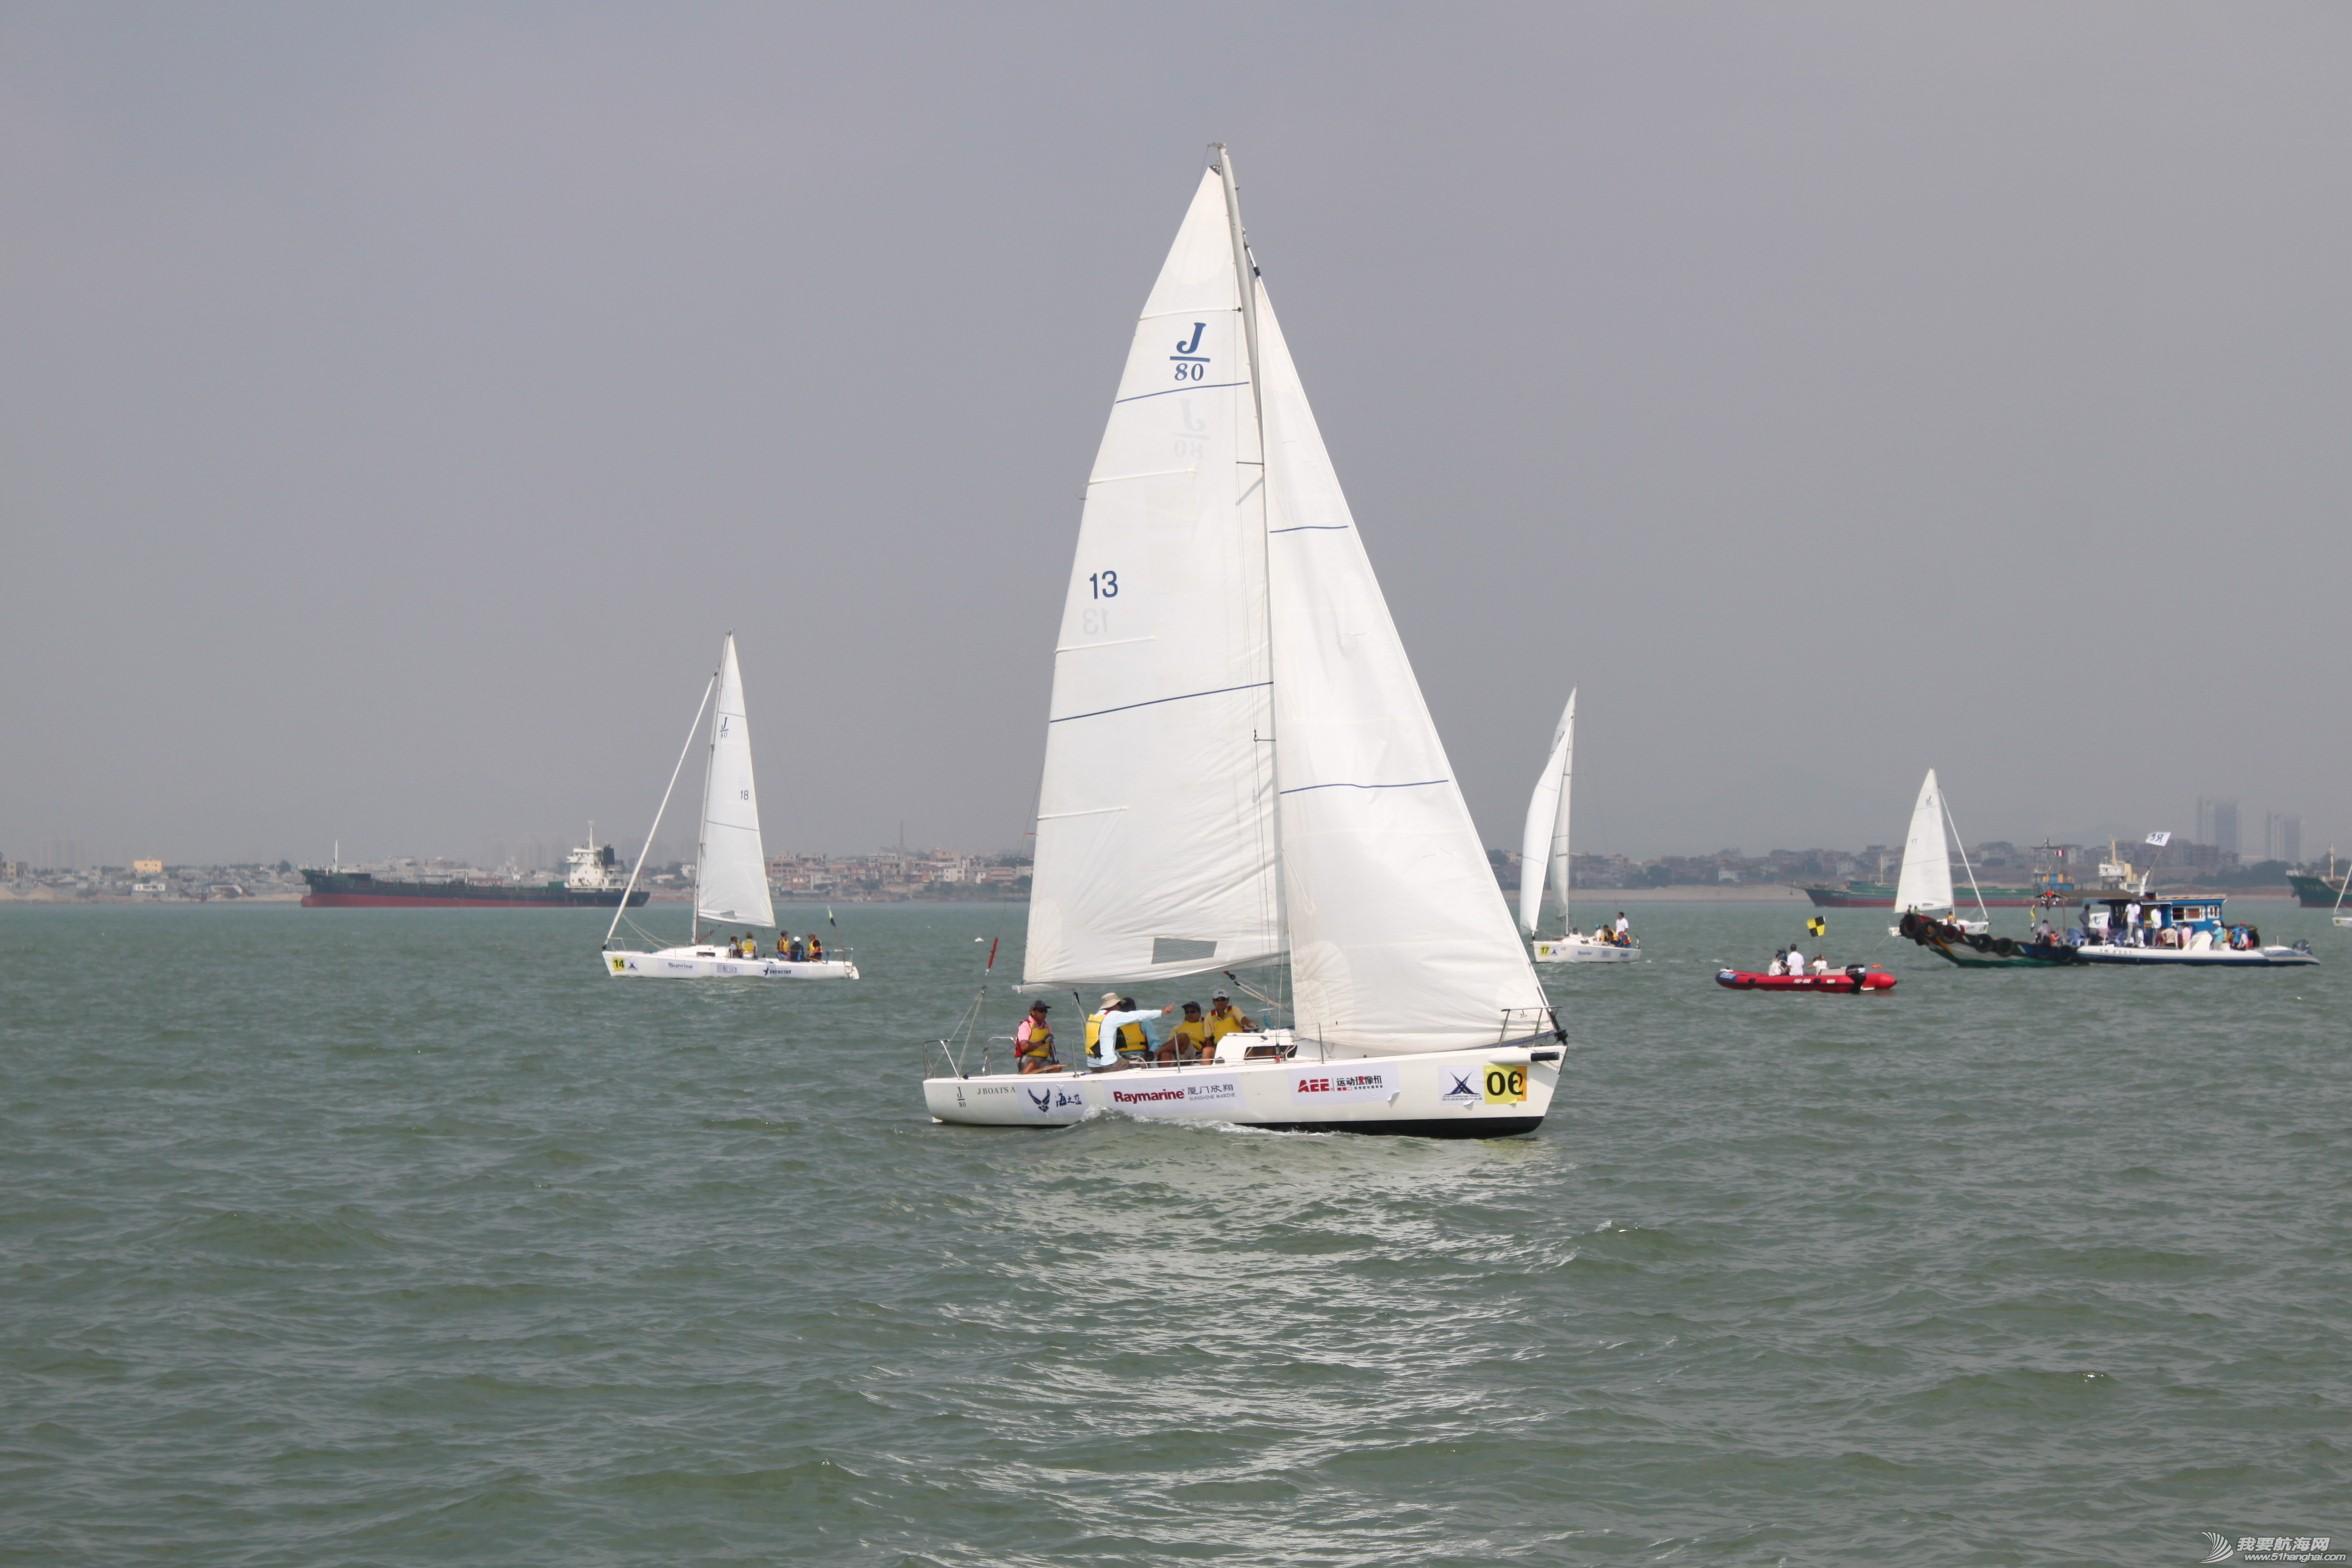 大家还在等待比赛开始,6号船是香港欢乐时光队,队员都是六十多岁的老人家了,最终成绩中间位置,佩服。